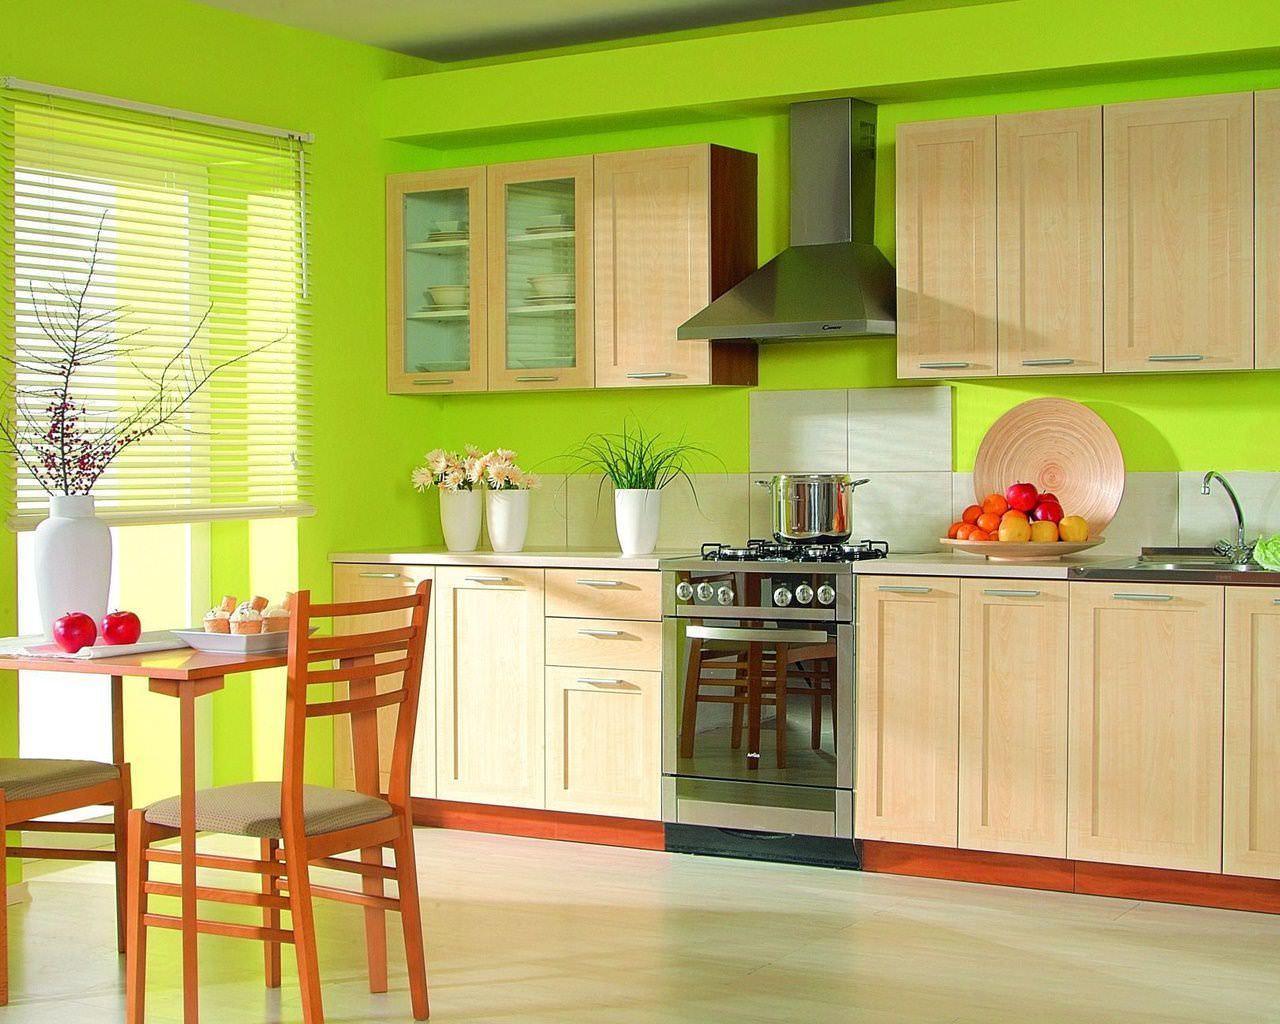 Сменив, к примеру, тип напольного покрытия можно в корне изменить впечатление от кухни